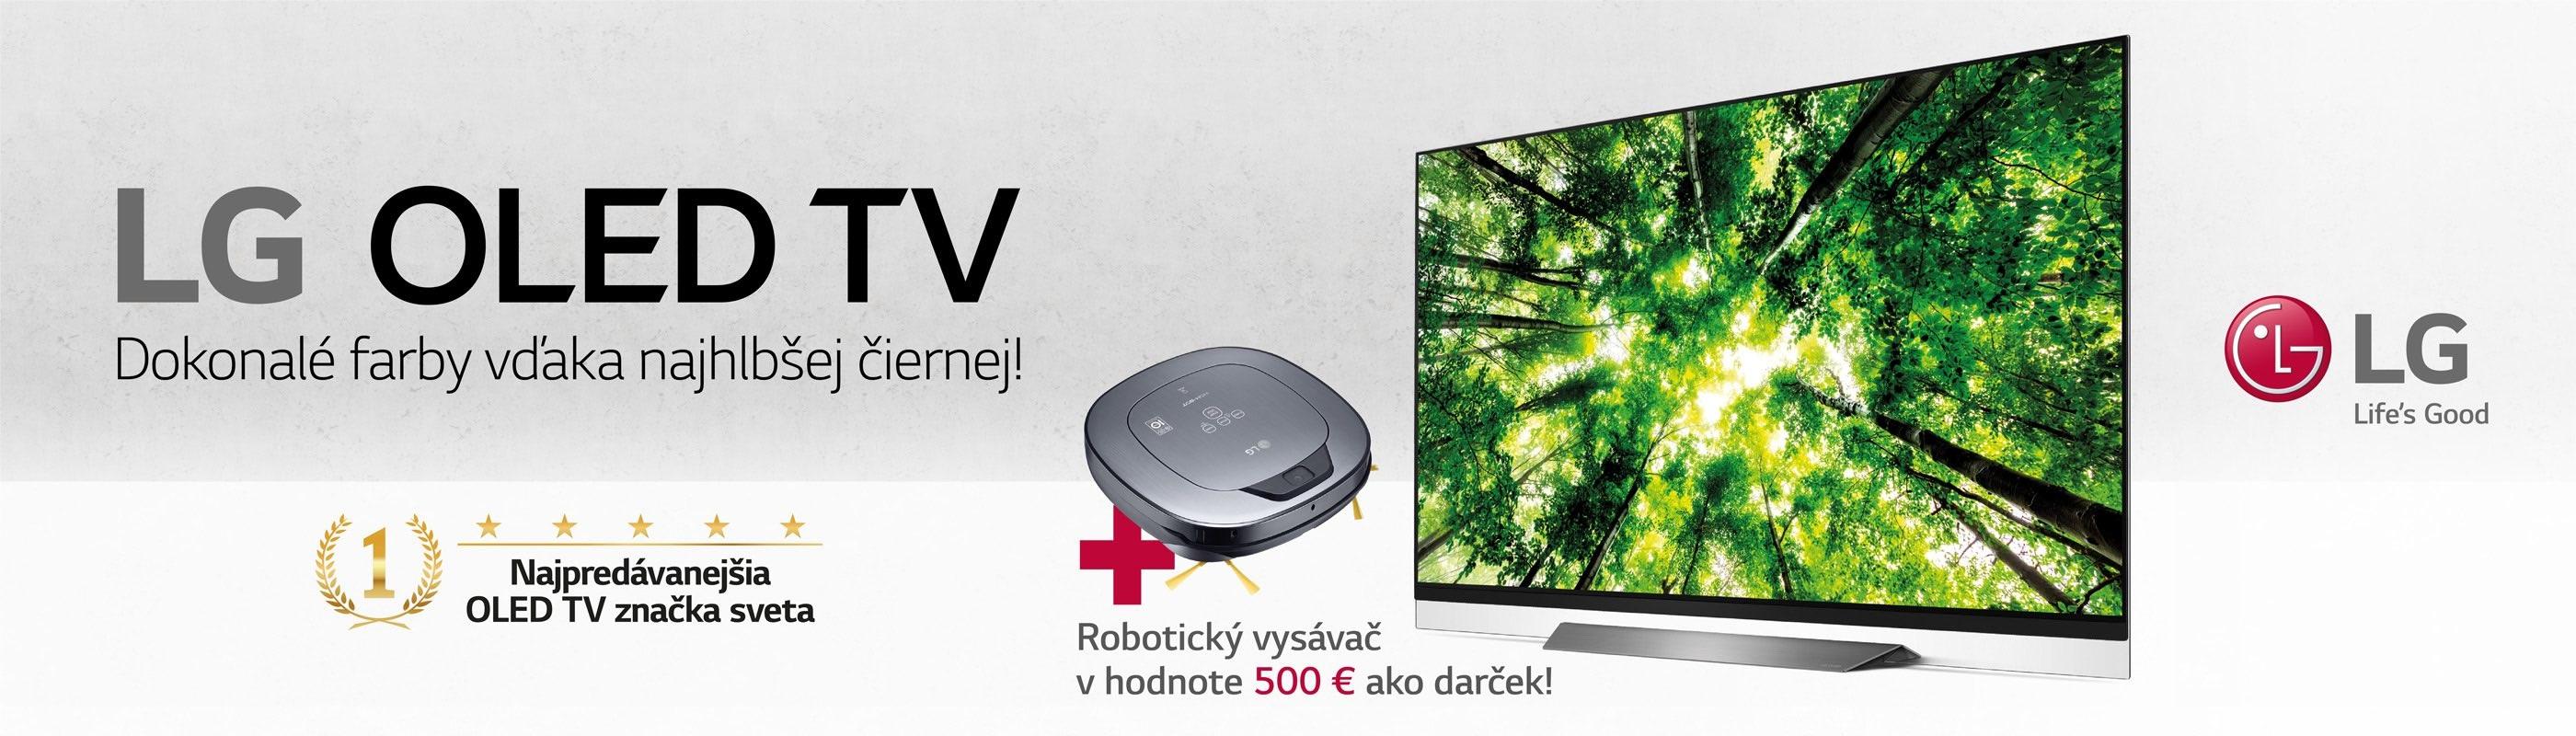 092203cd6 Veľká zľava na LG OLED TV a HomBot ako darček | Alza.sk